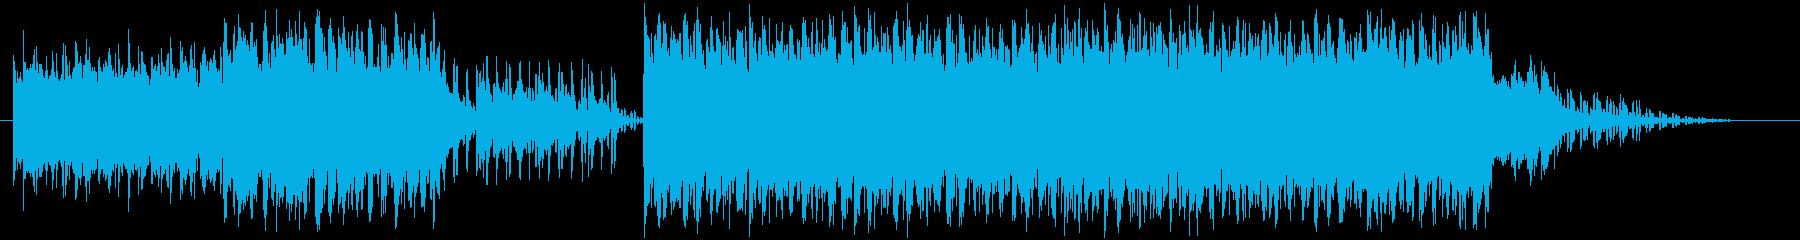 少しシリアスで早いアルペジオの今風な劇伴の再生済みの波形